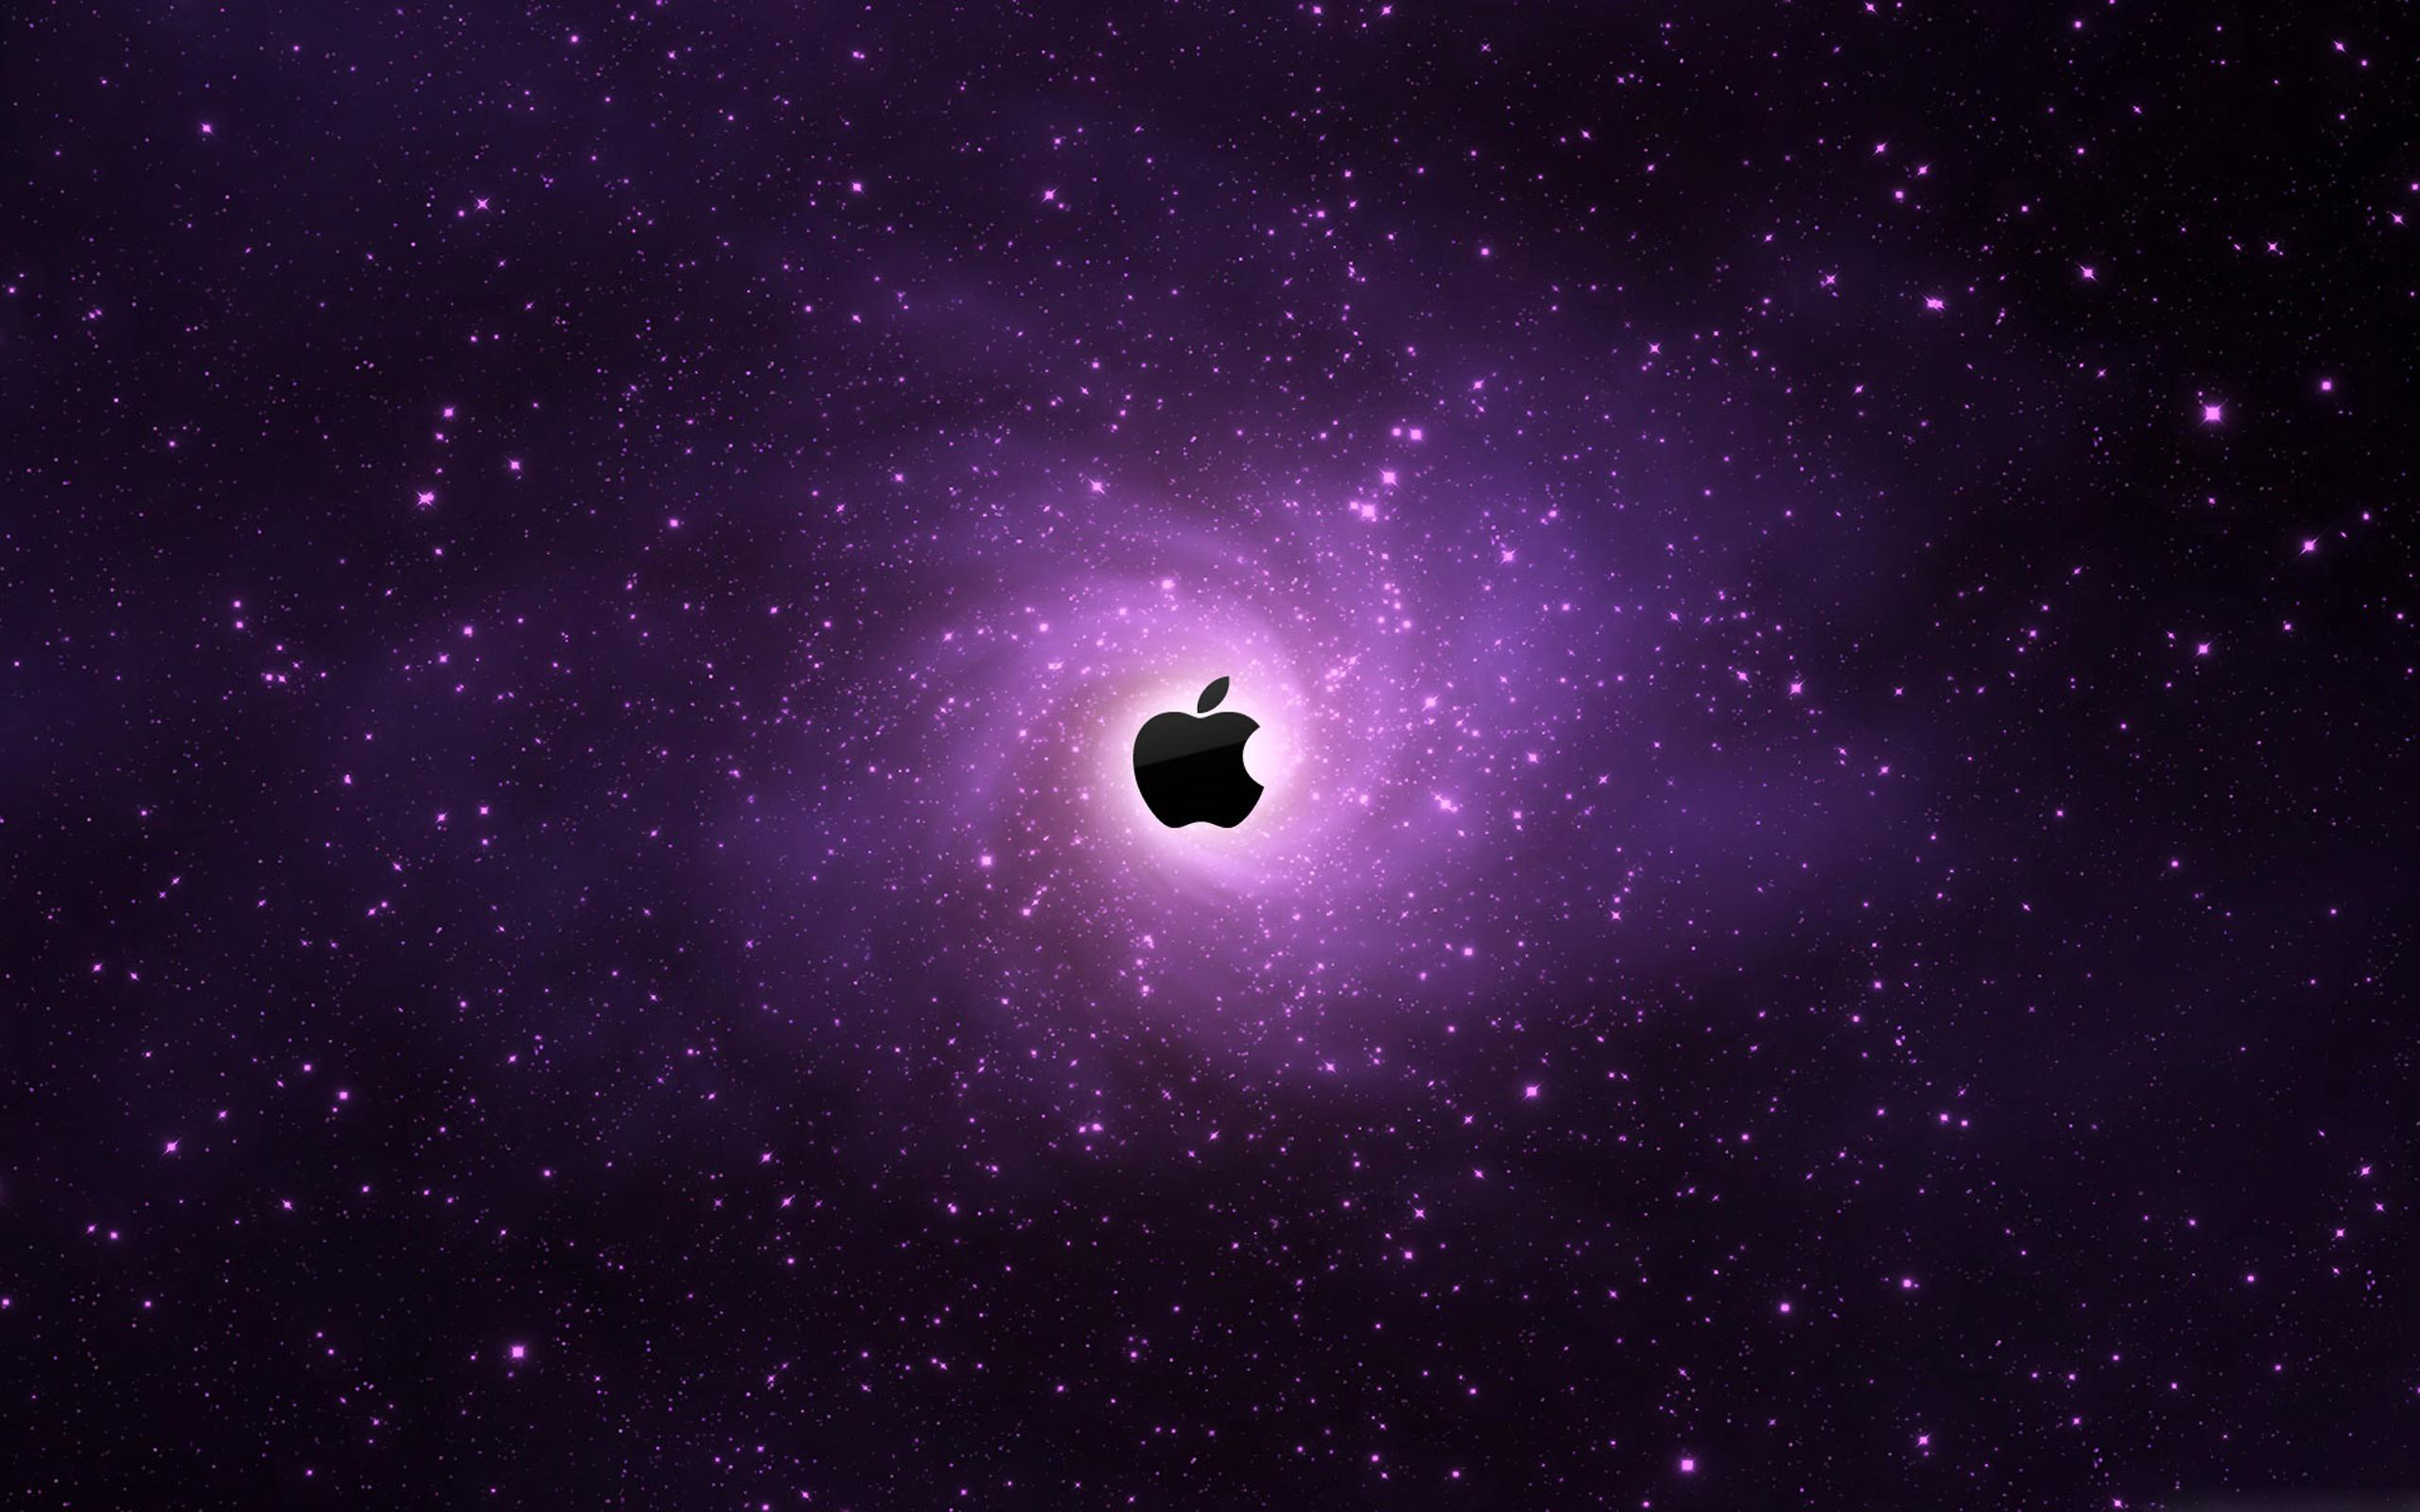 Apple en el espacio - 2560x1600